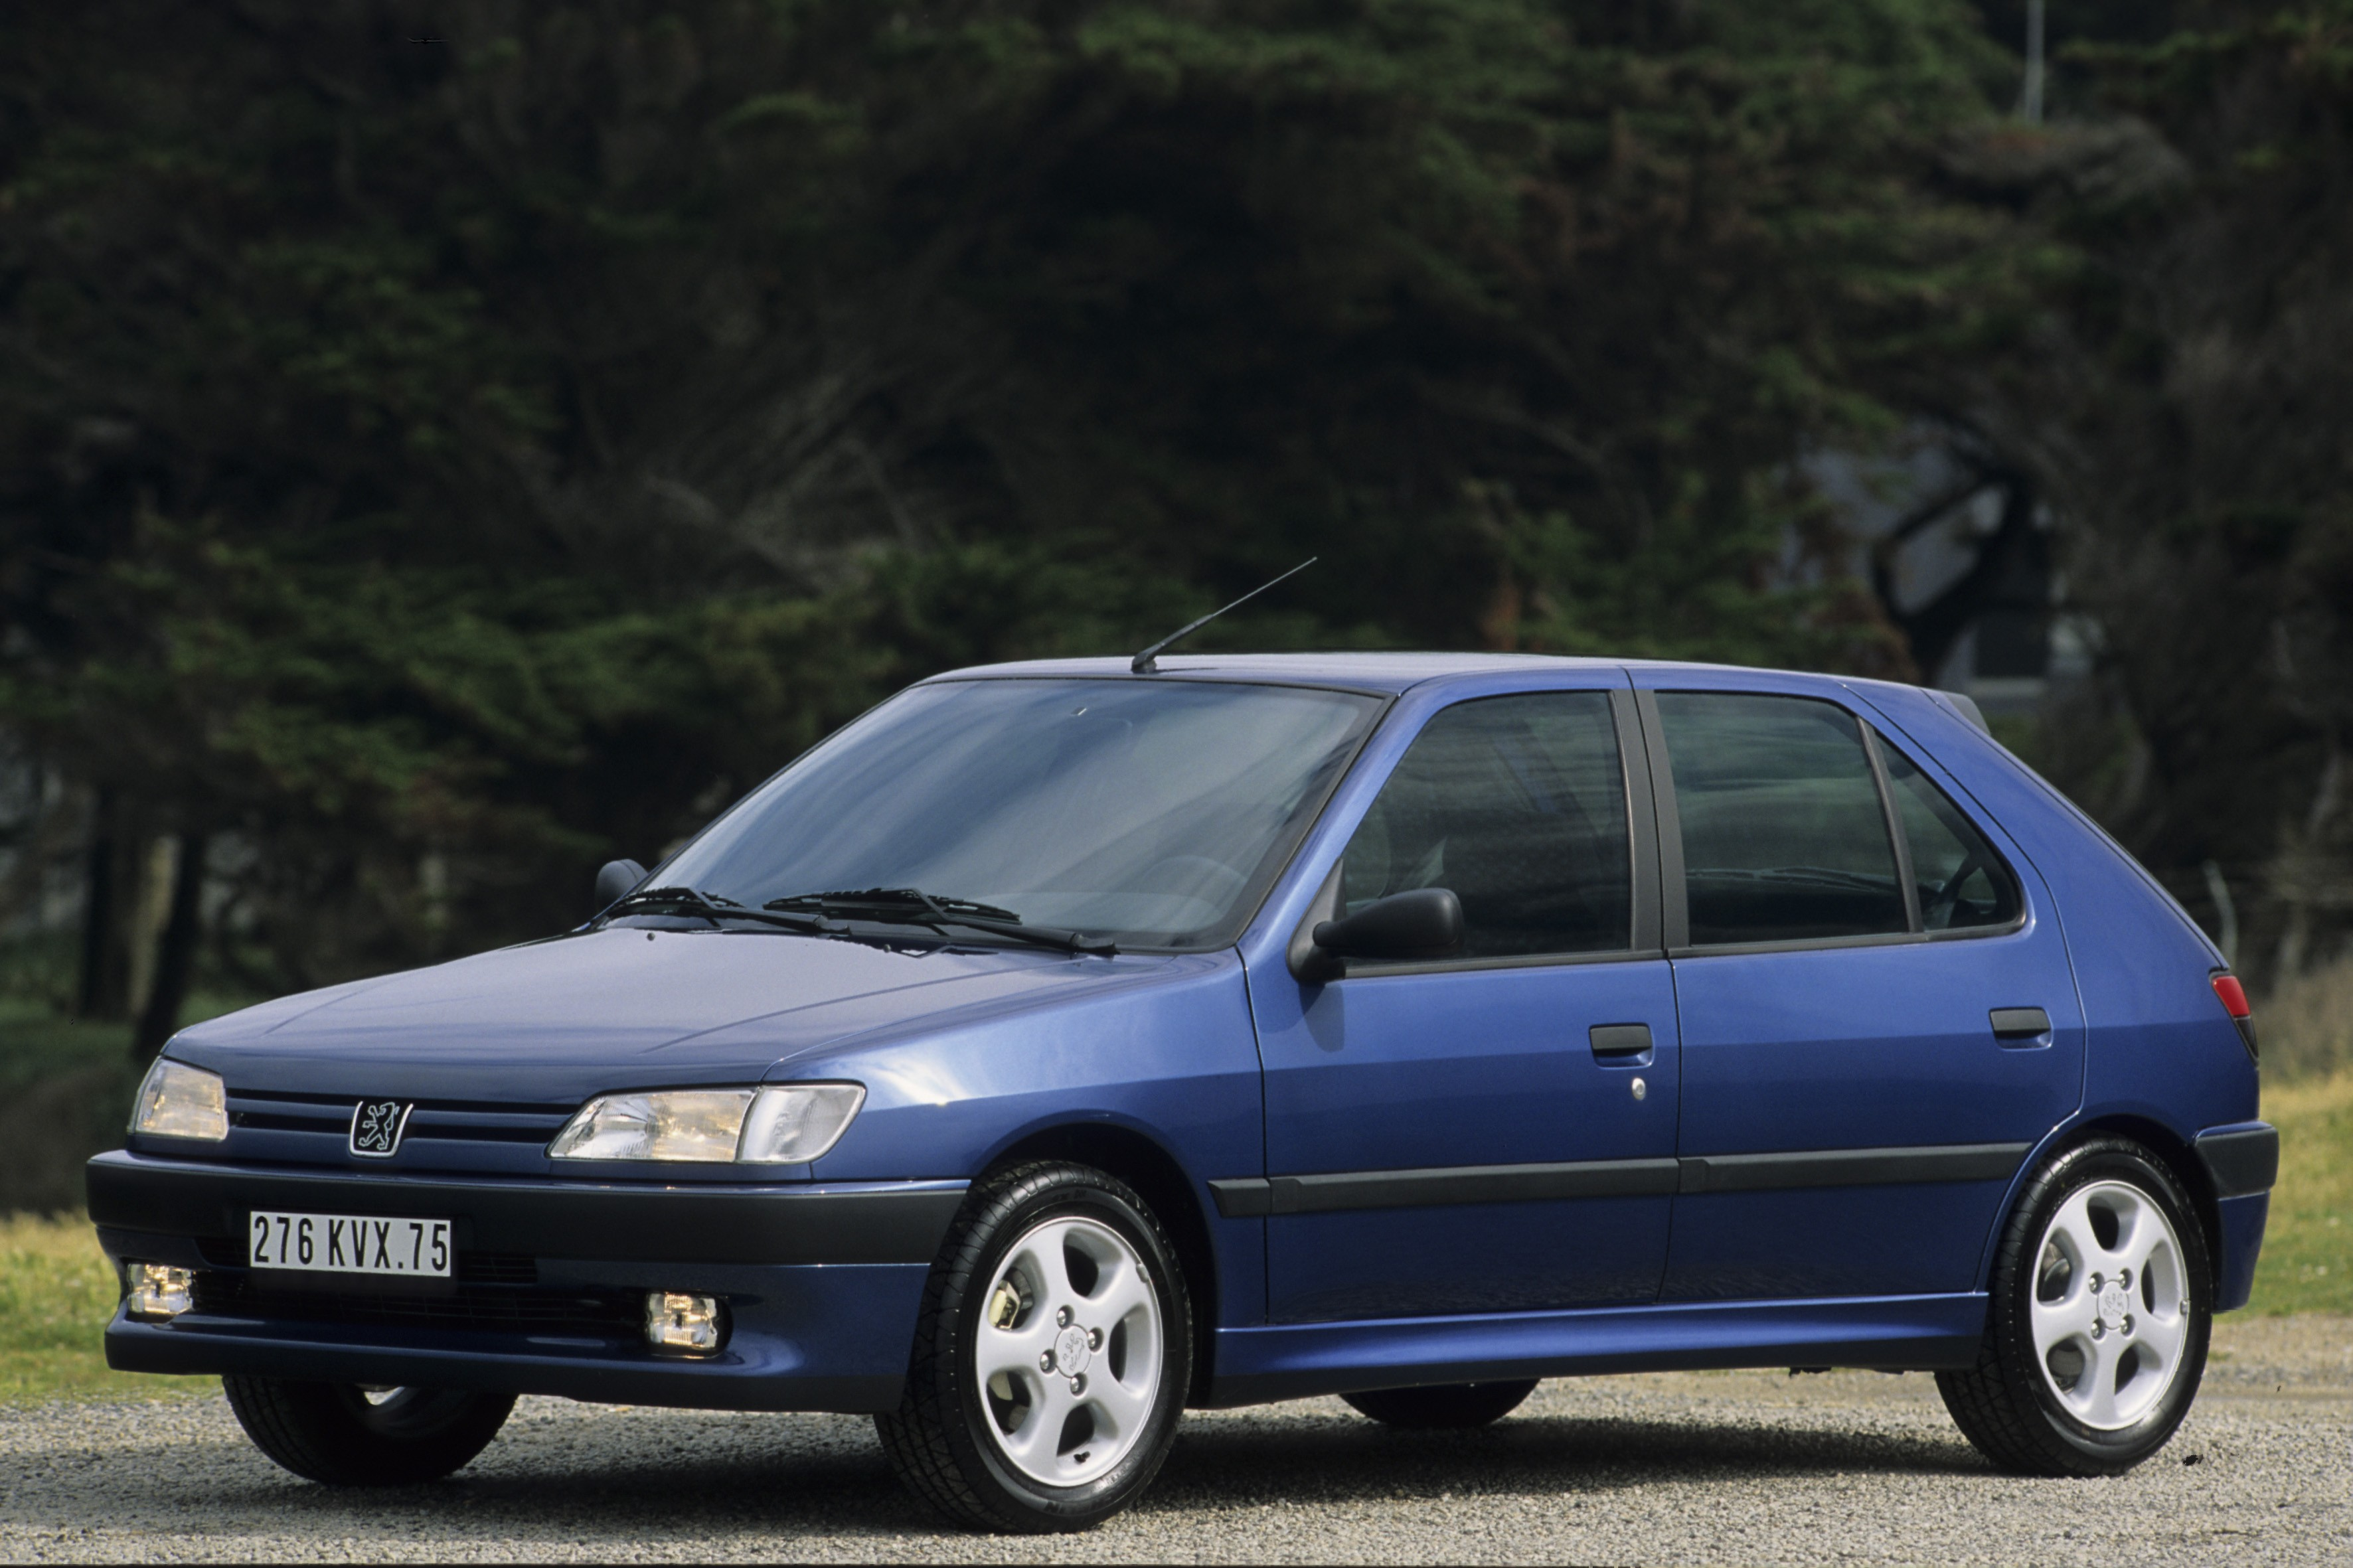 Peugeot 306 1993 - 2002 Hatchback 5 door #6